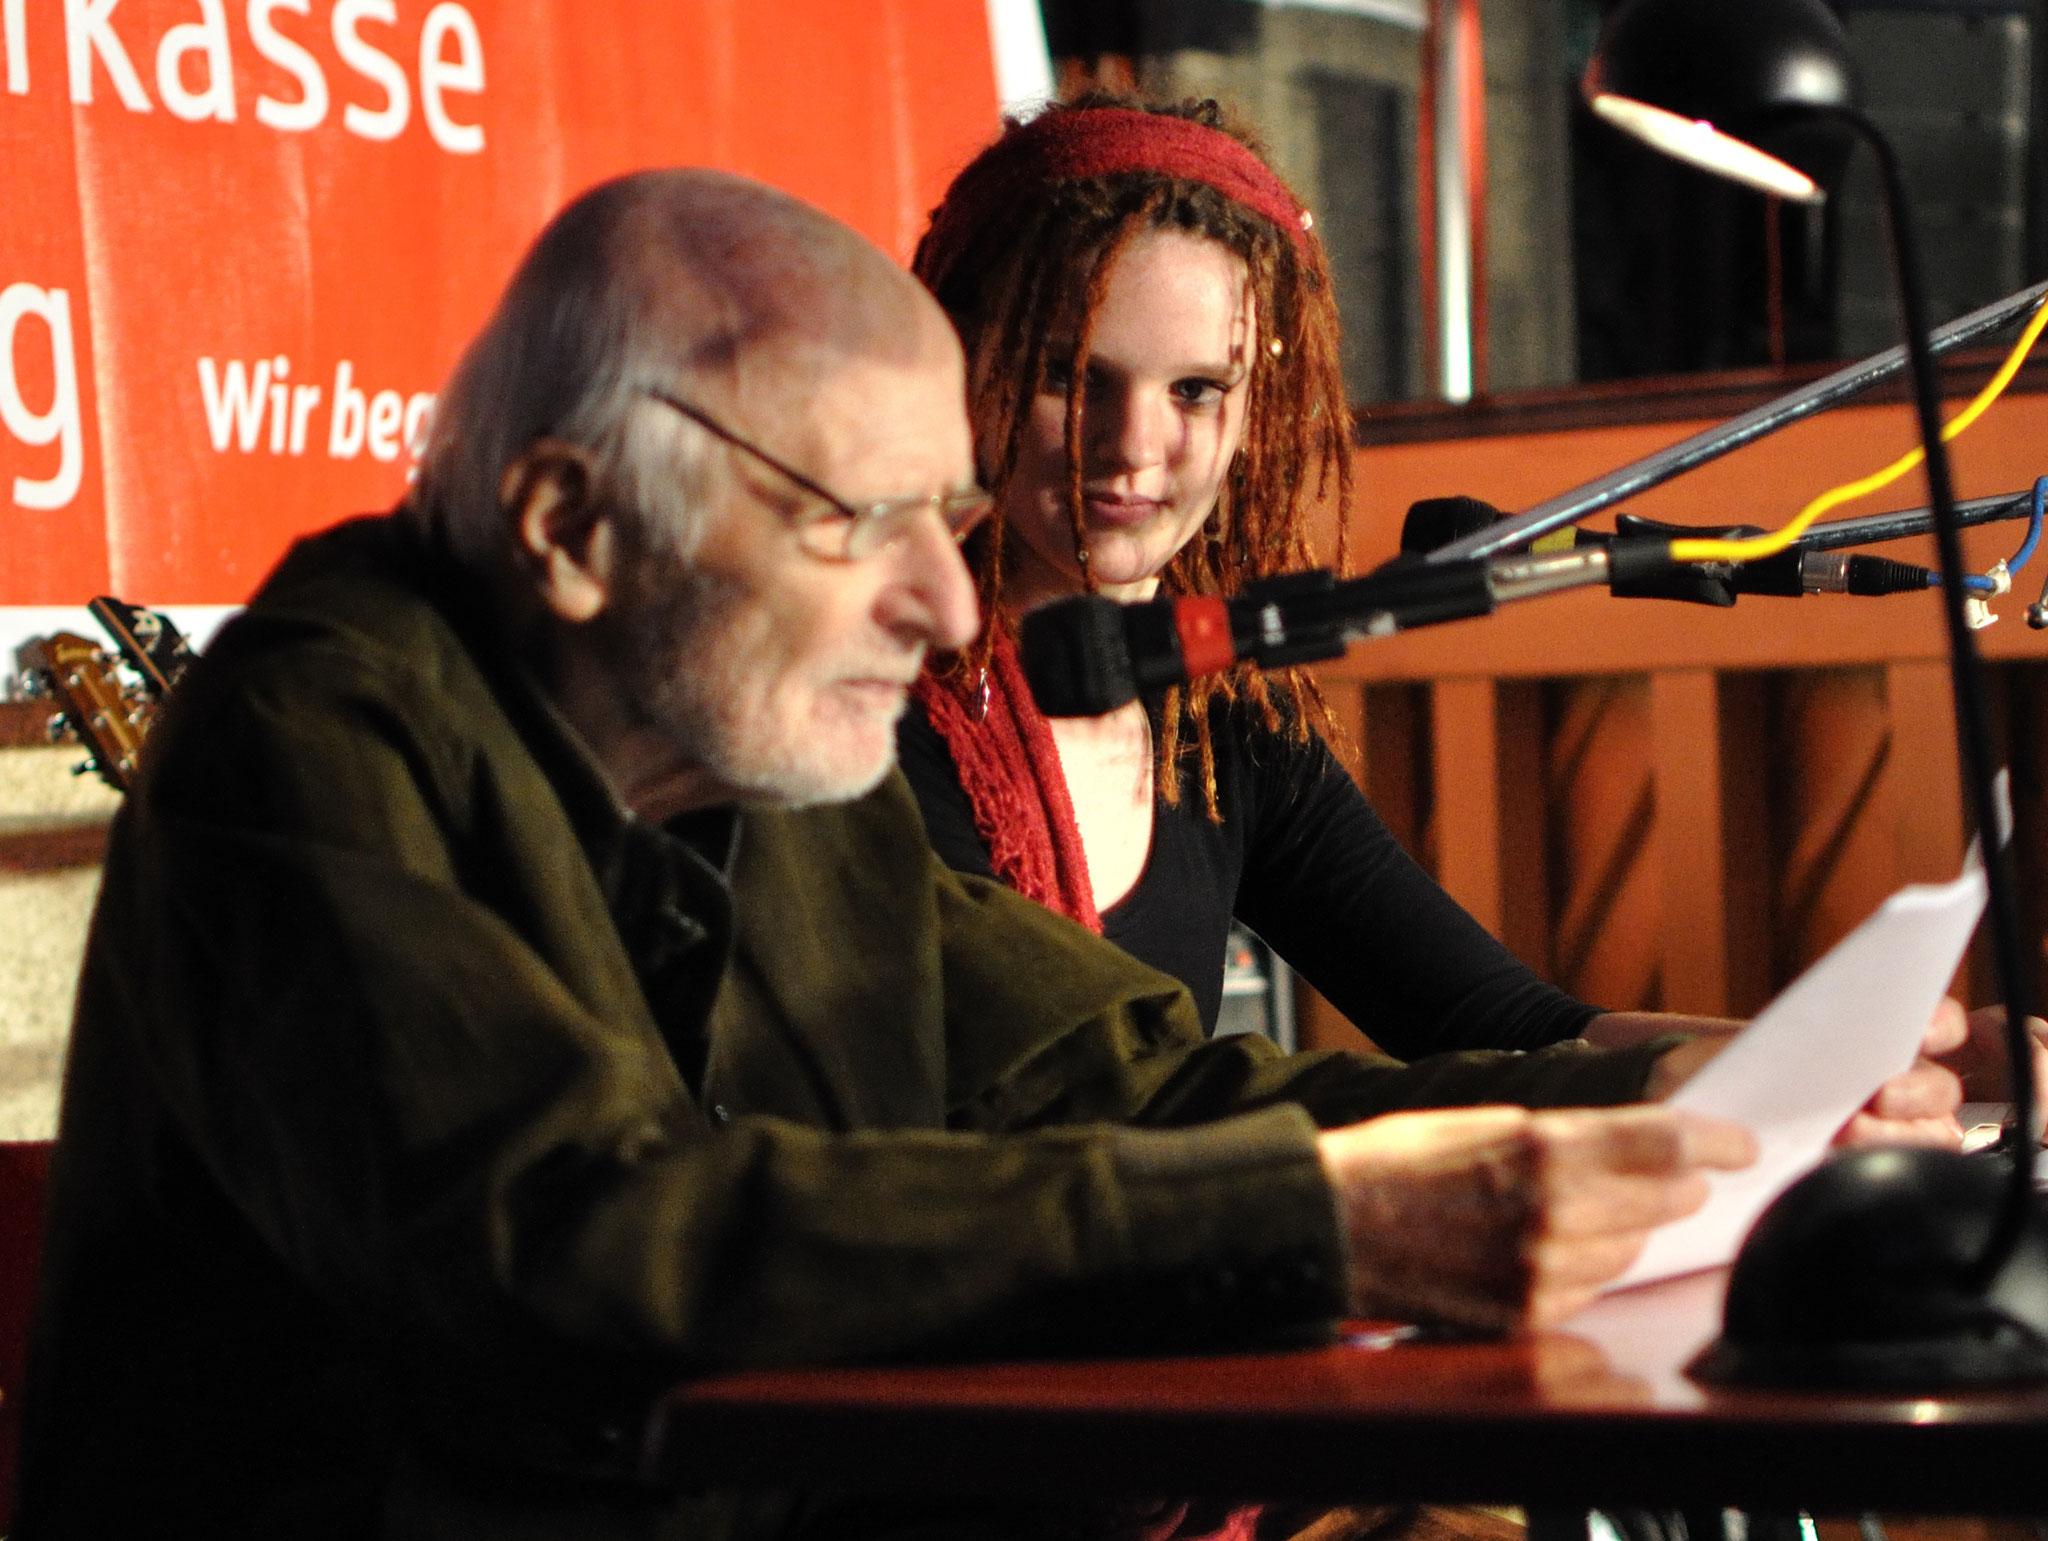 Konzerte im Bürgerhof 14.07.11 Friedrich Jacobs (90 Jahre) und Sophie Putz (16 Jahre) - Freiwilligen-Zentrum Augsburg - Foto: Martin Schönberger